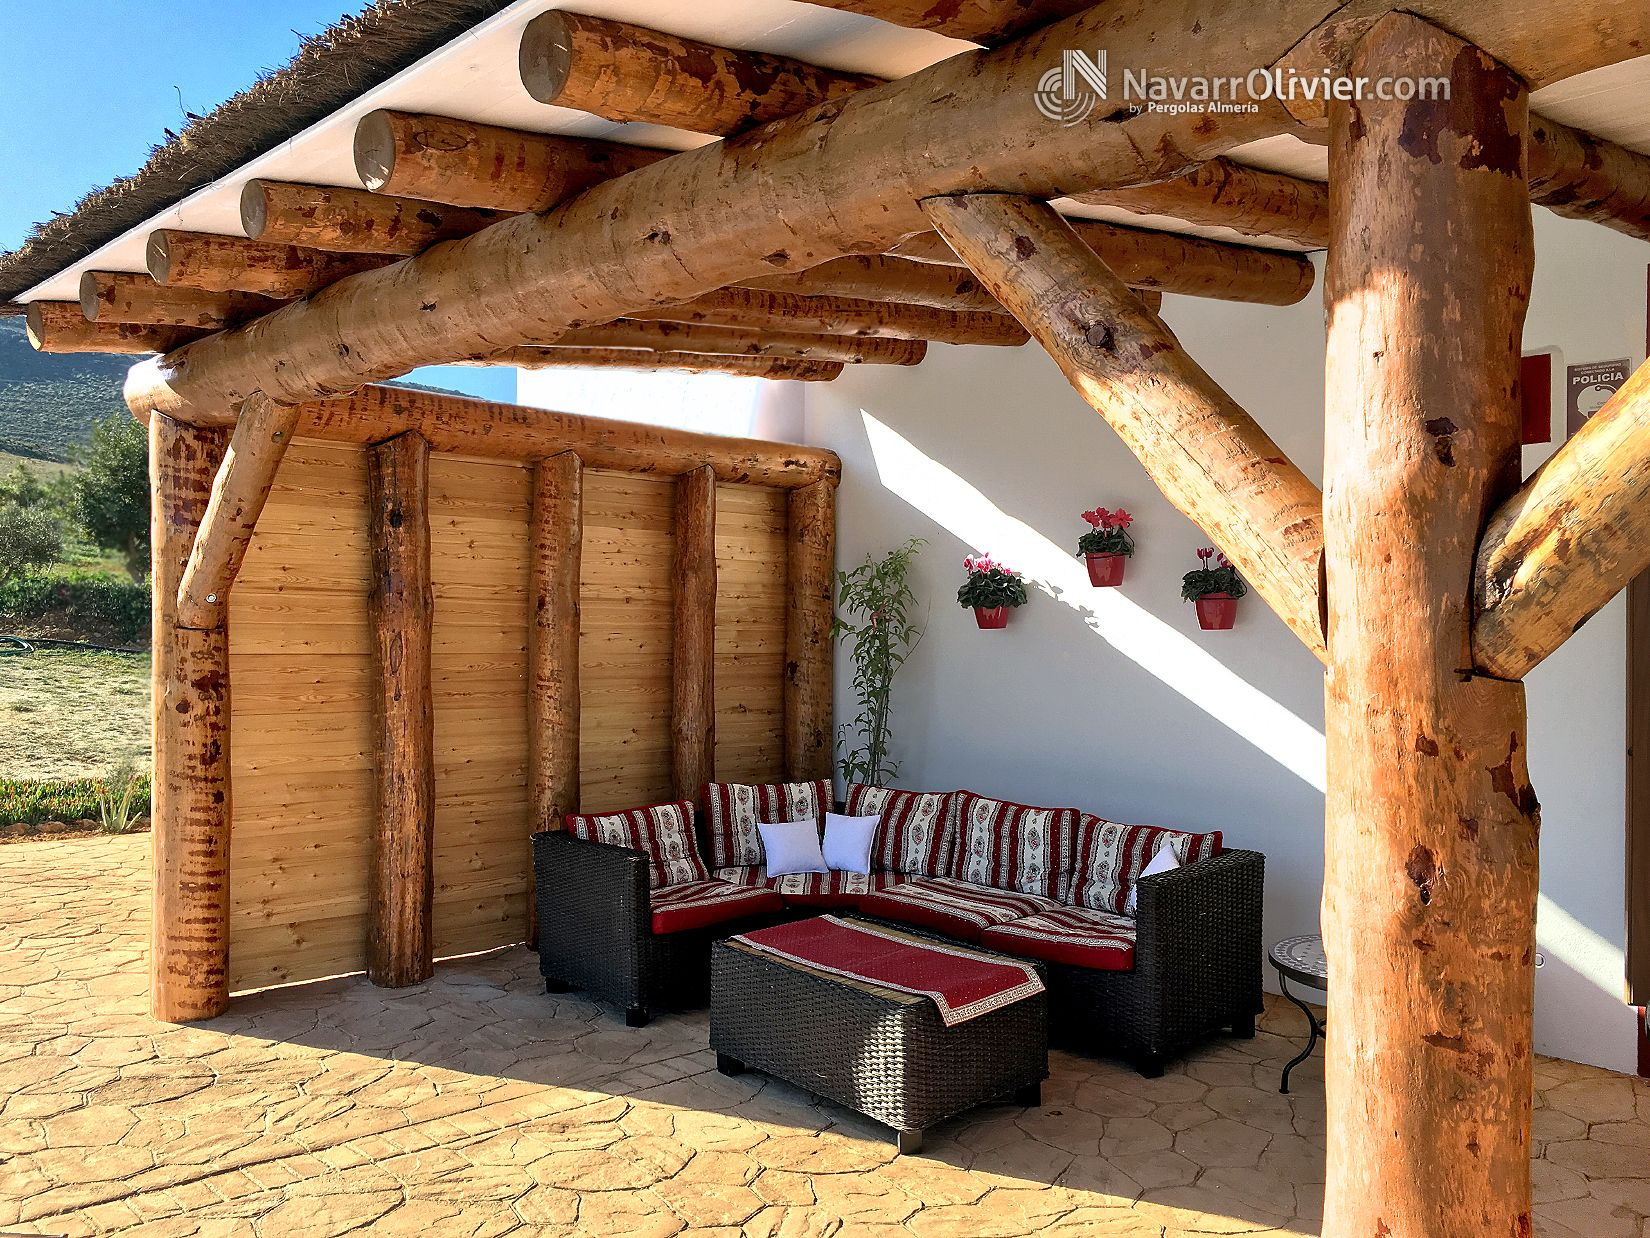 Construcci n natural en pino gallego descortezado tratado - Construccion de pergolas de madera ...